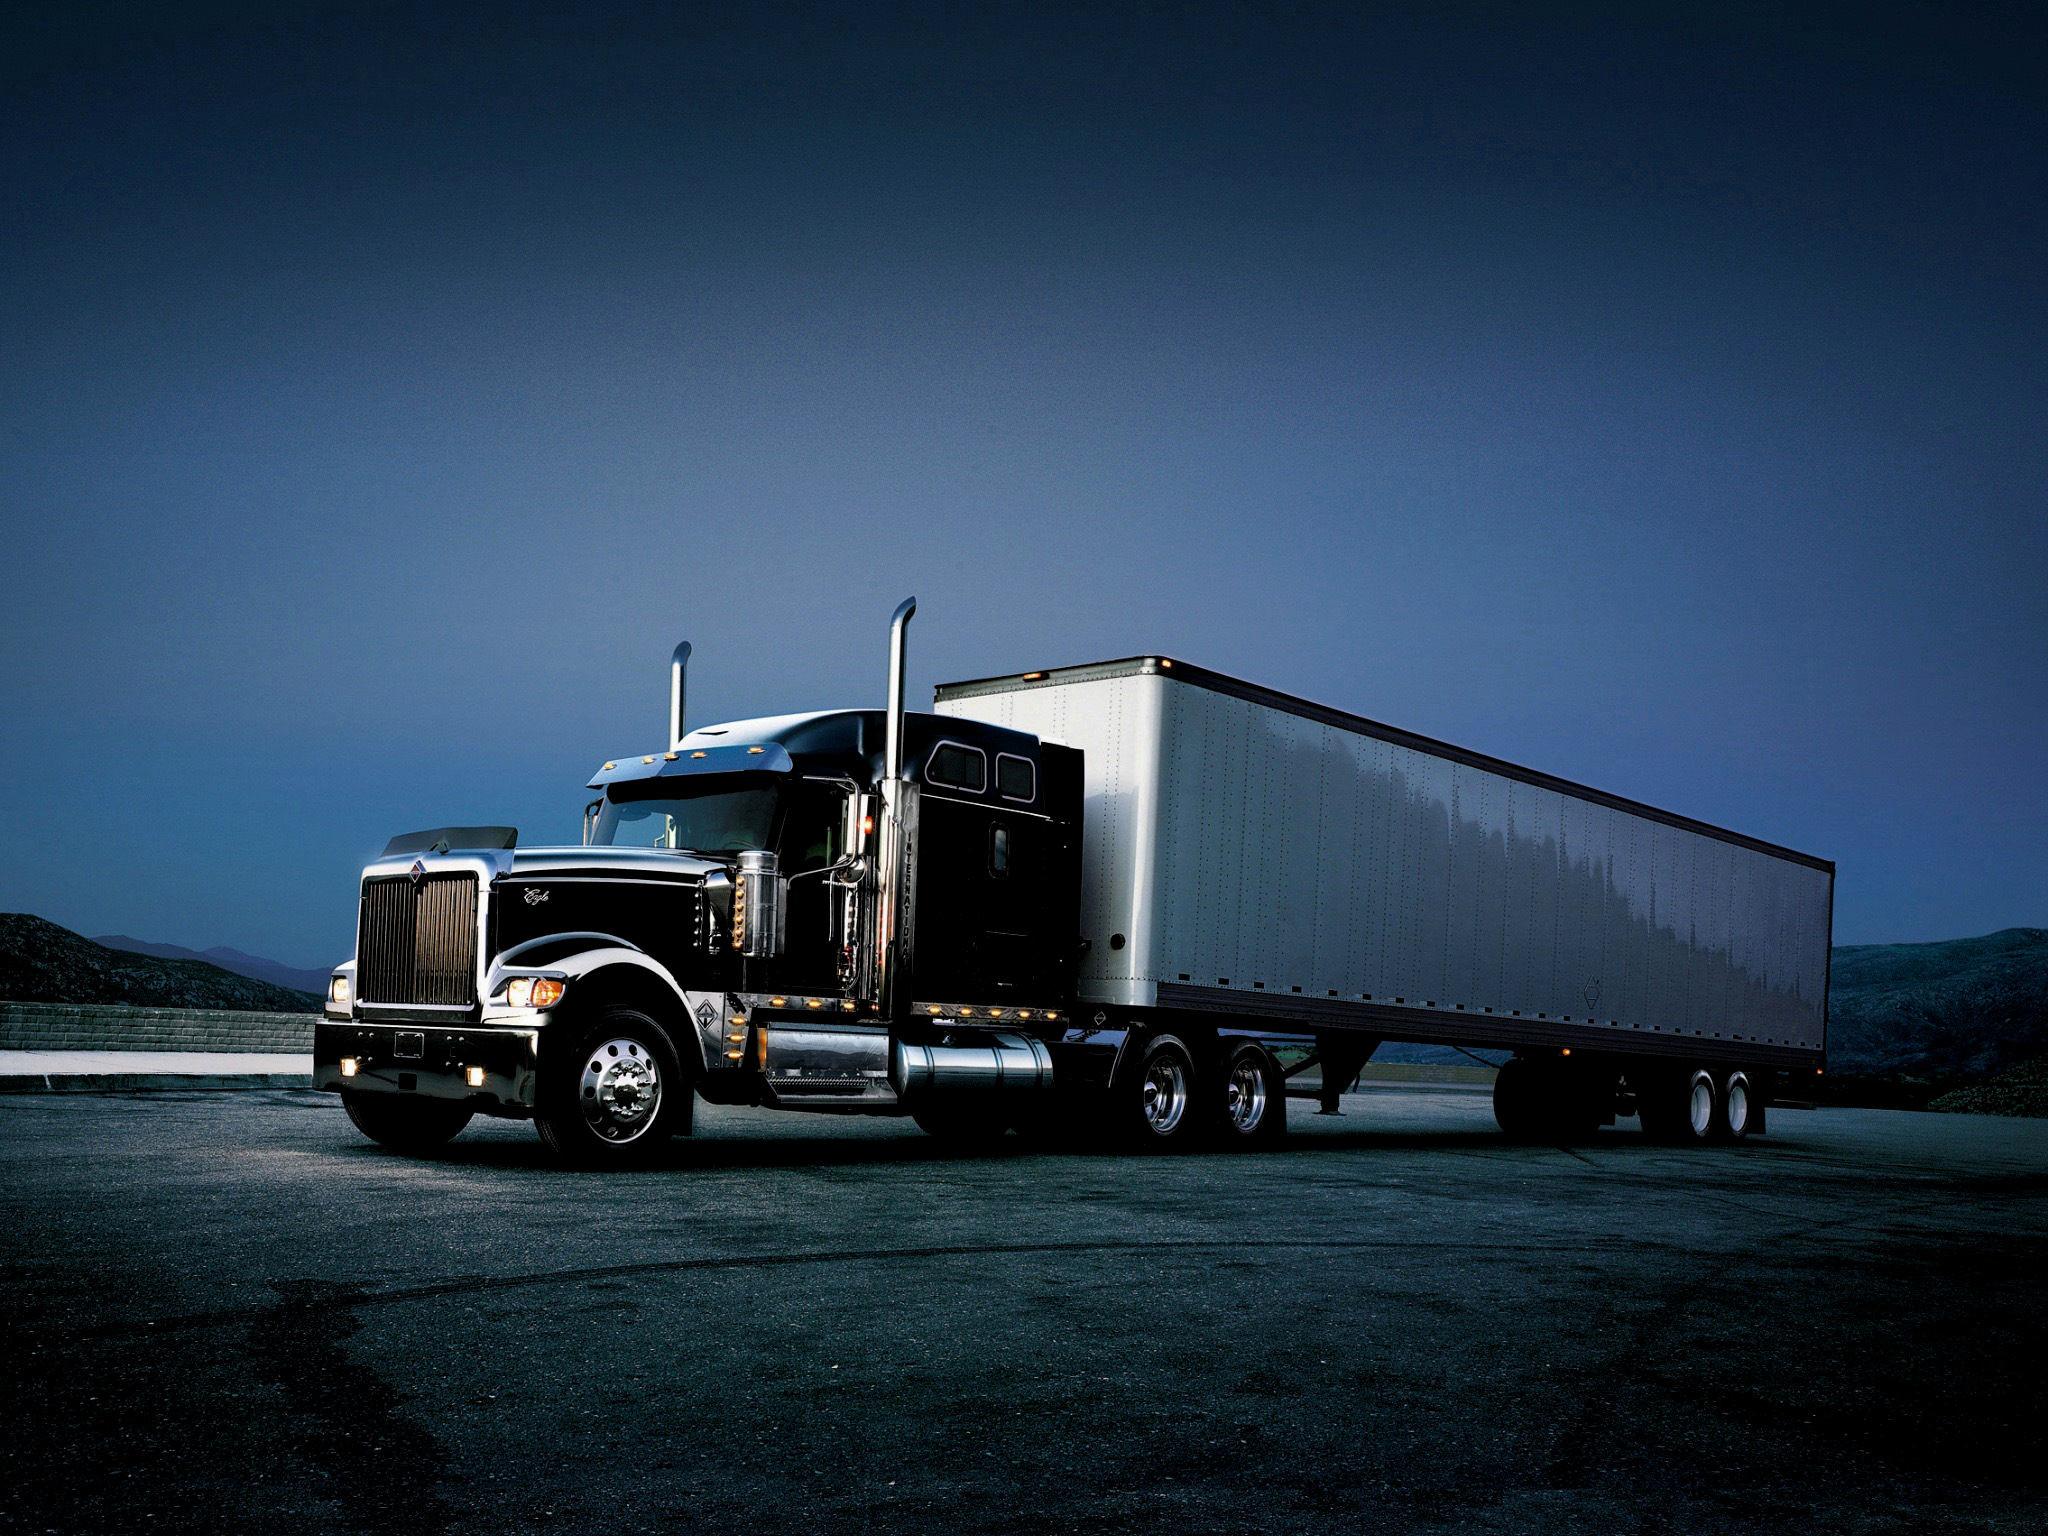 … beautiful rent a semi truck wallpaper-Best Rent A Semi Truck Pattern